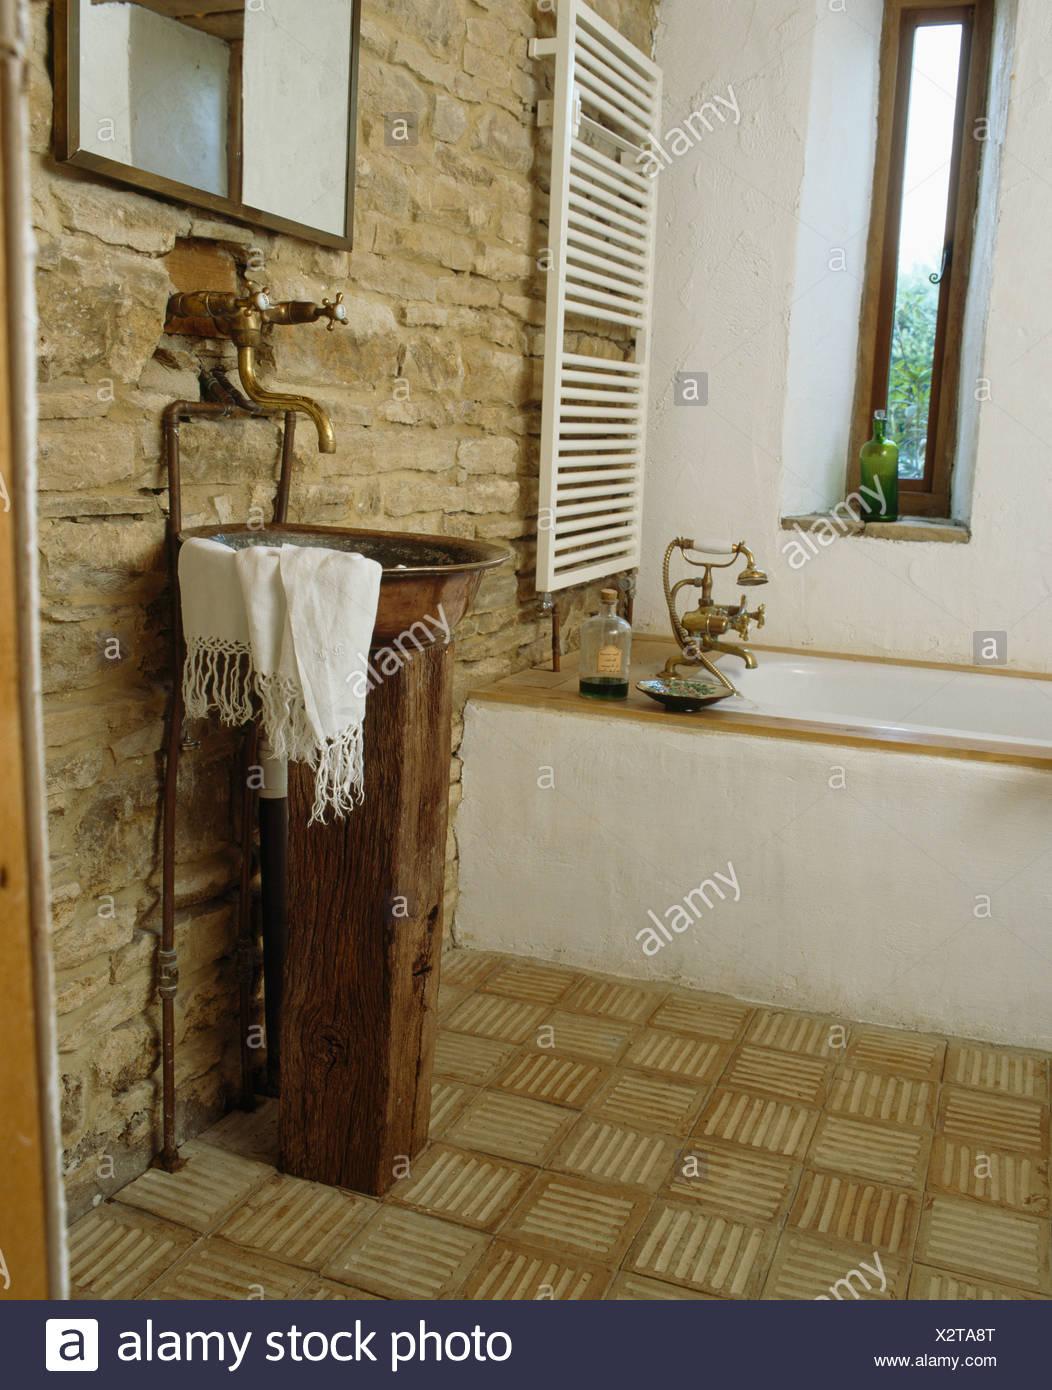 https www alamyimages fr vasque en cuivre sur socle en grange amenagee salle de bains avec mur en pierres apparentes et carrelage carriere image277130136 html